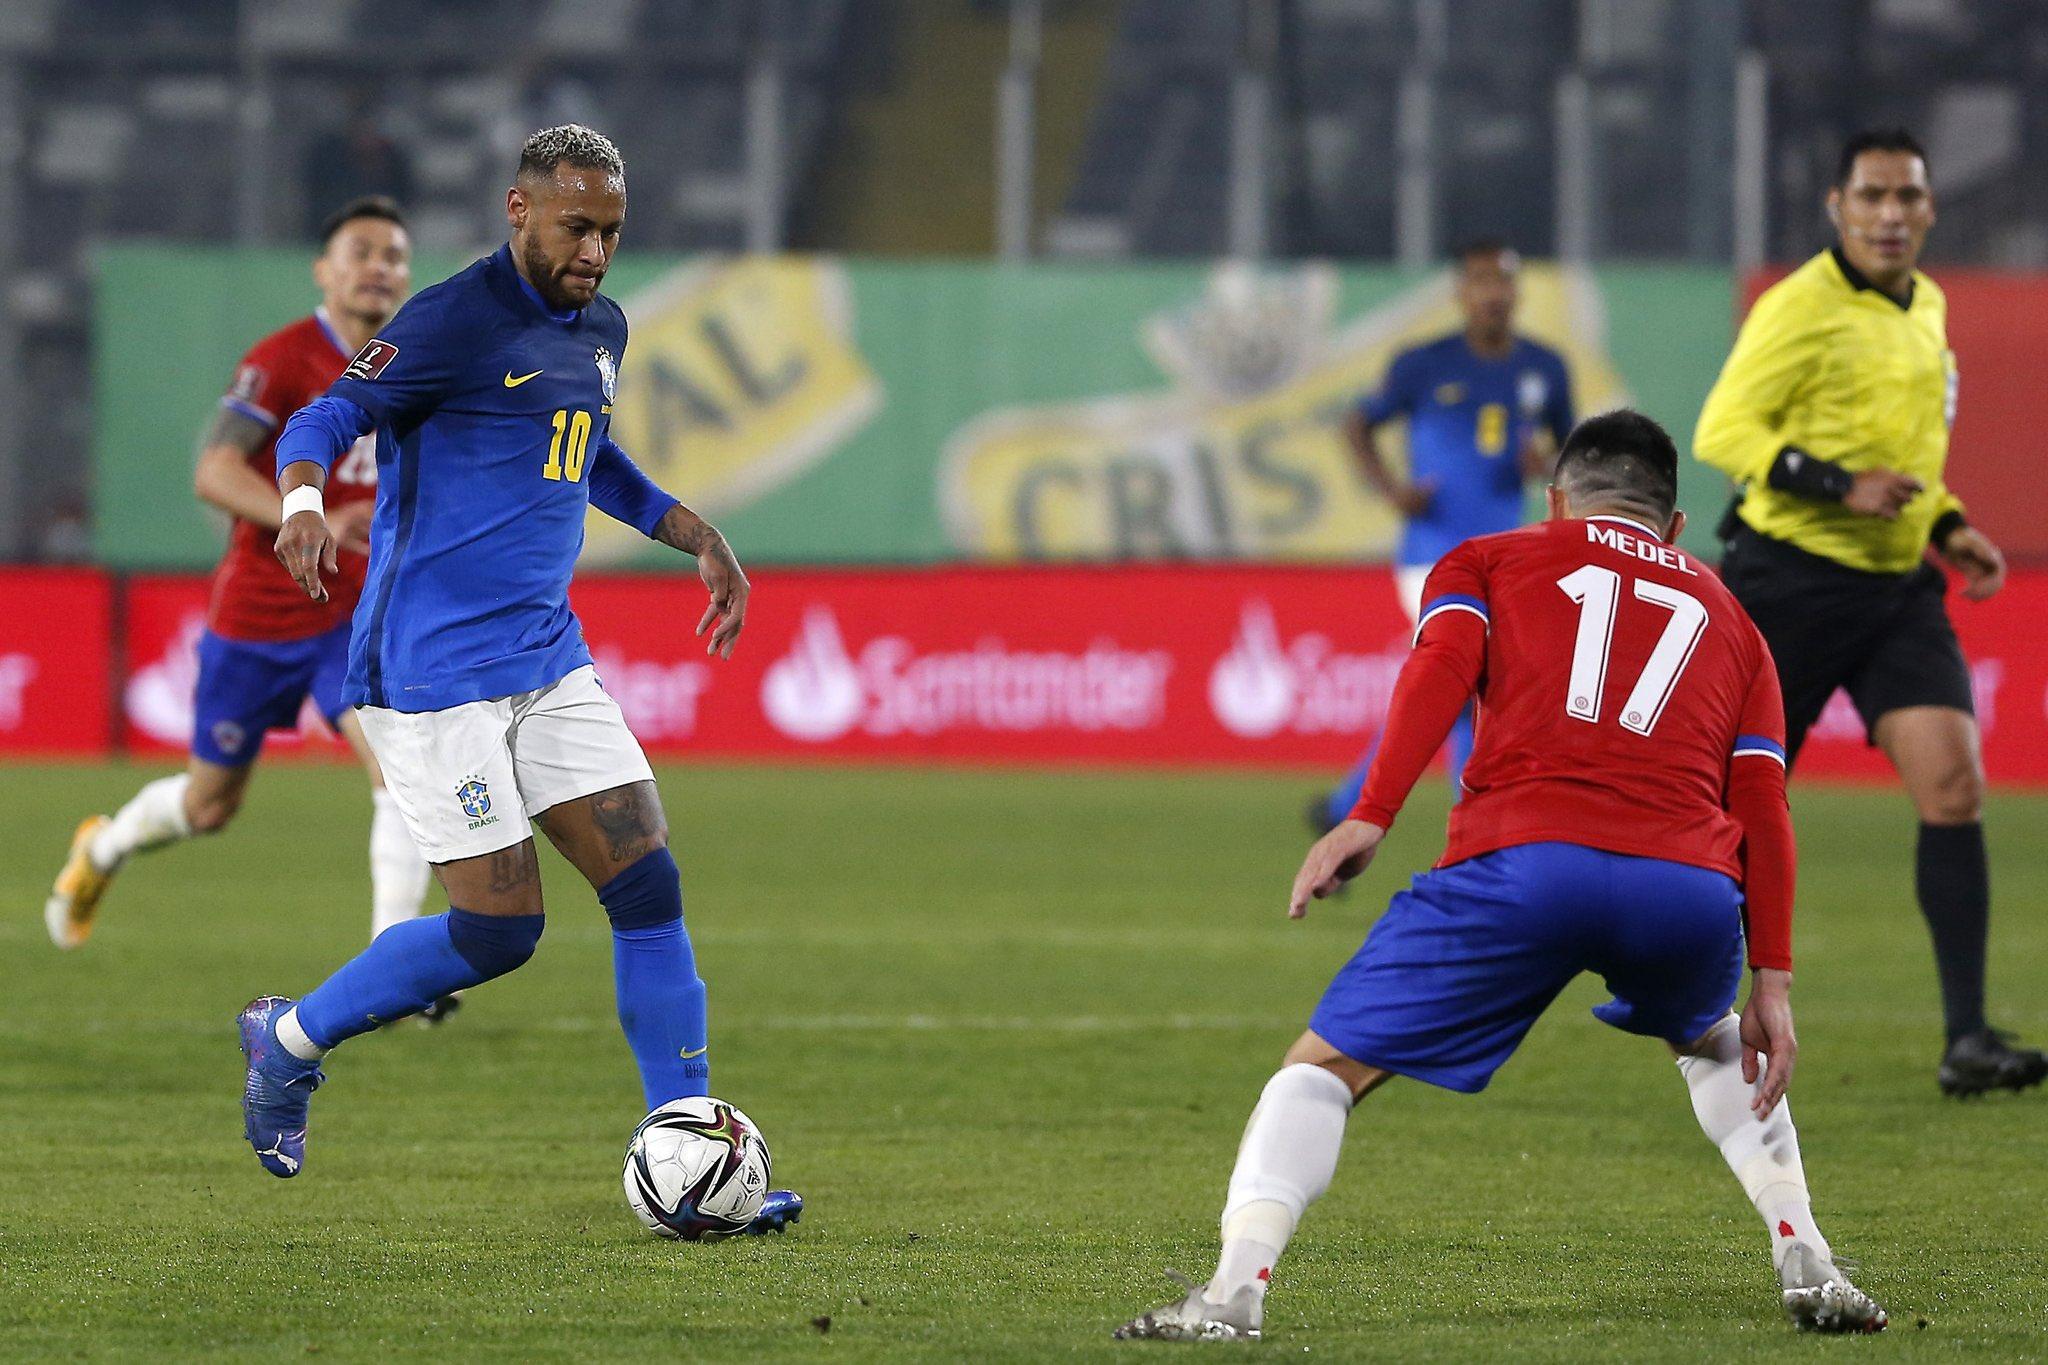 منتخب البرازيل يفوز بصعوبة على تشيلي في تصفيات مونديال قطر 2022 (شاهد)